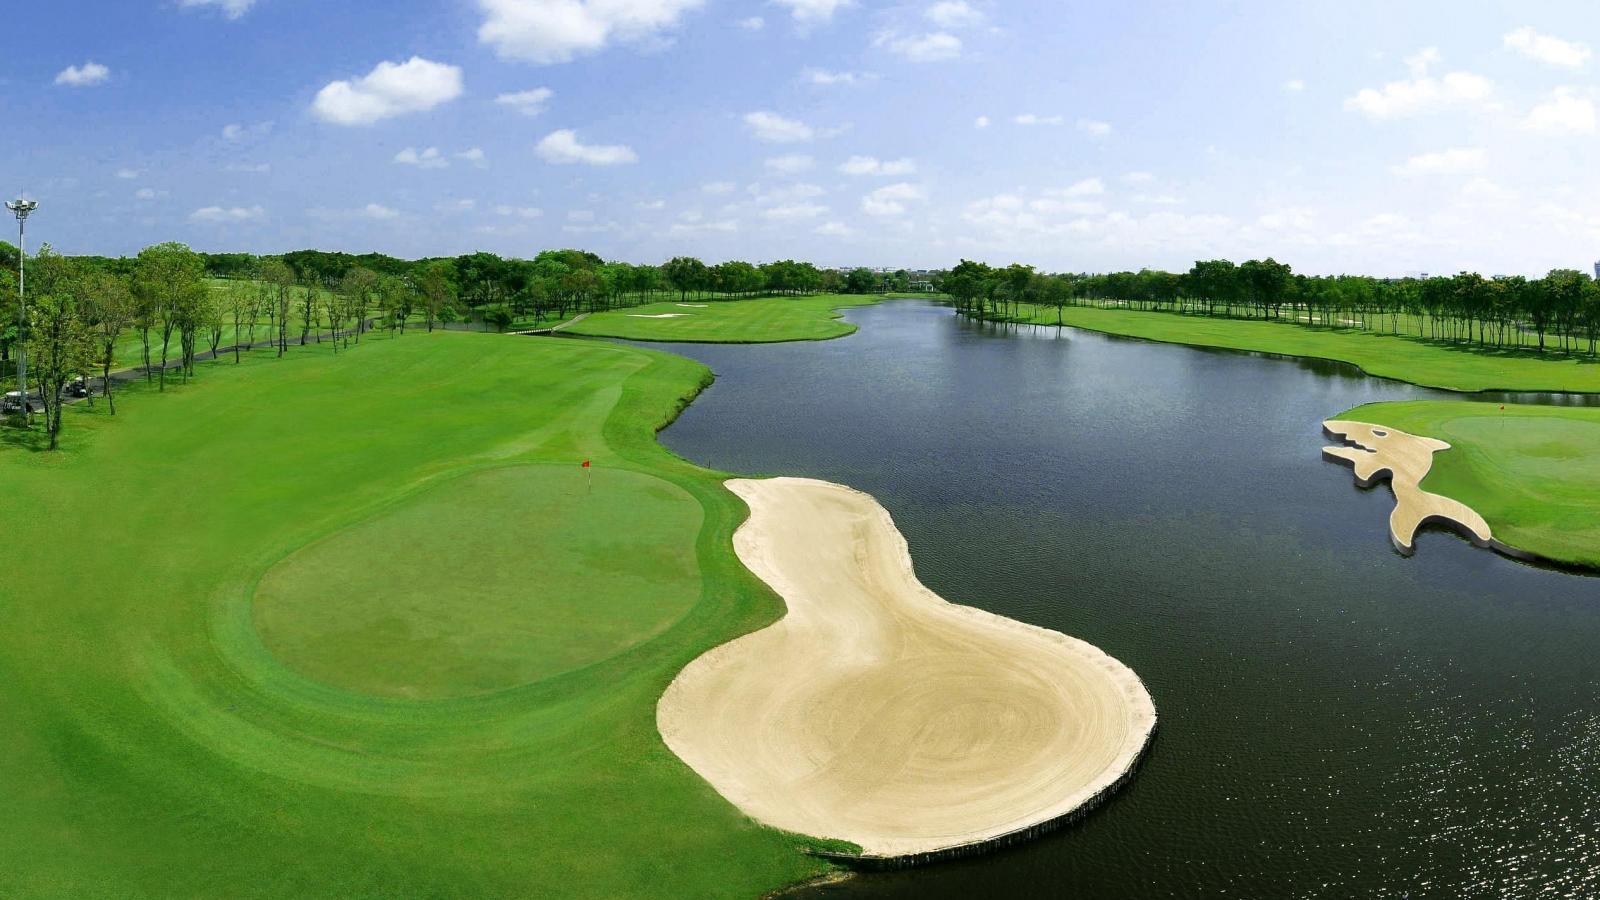 Thana city country club book golf online golfscape - Golf cart rentals garden city sc ...